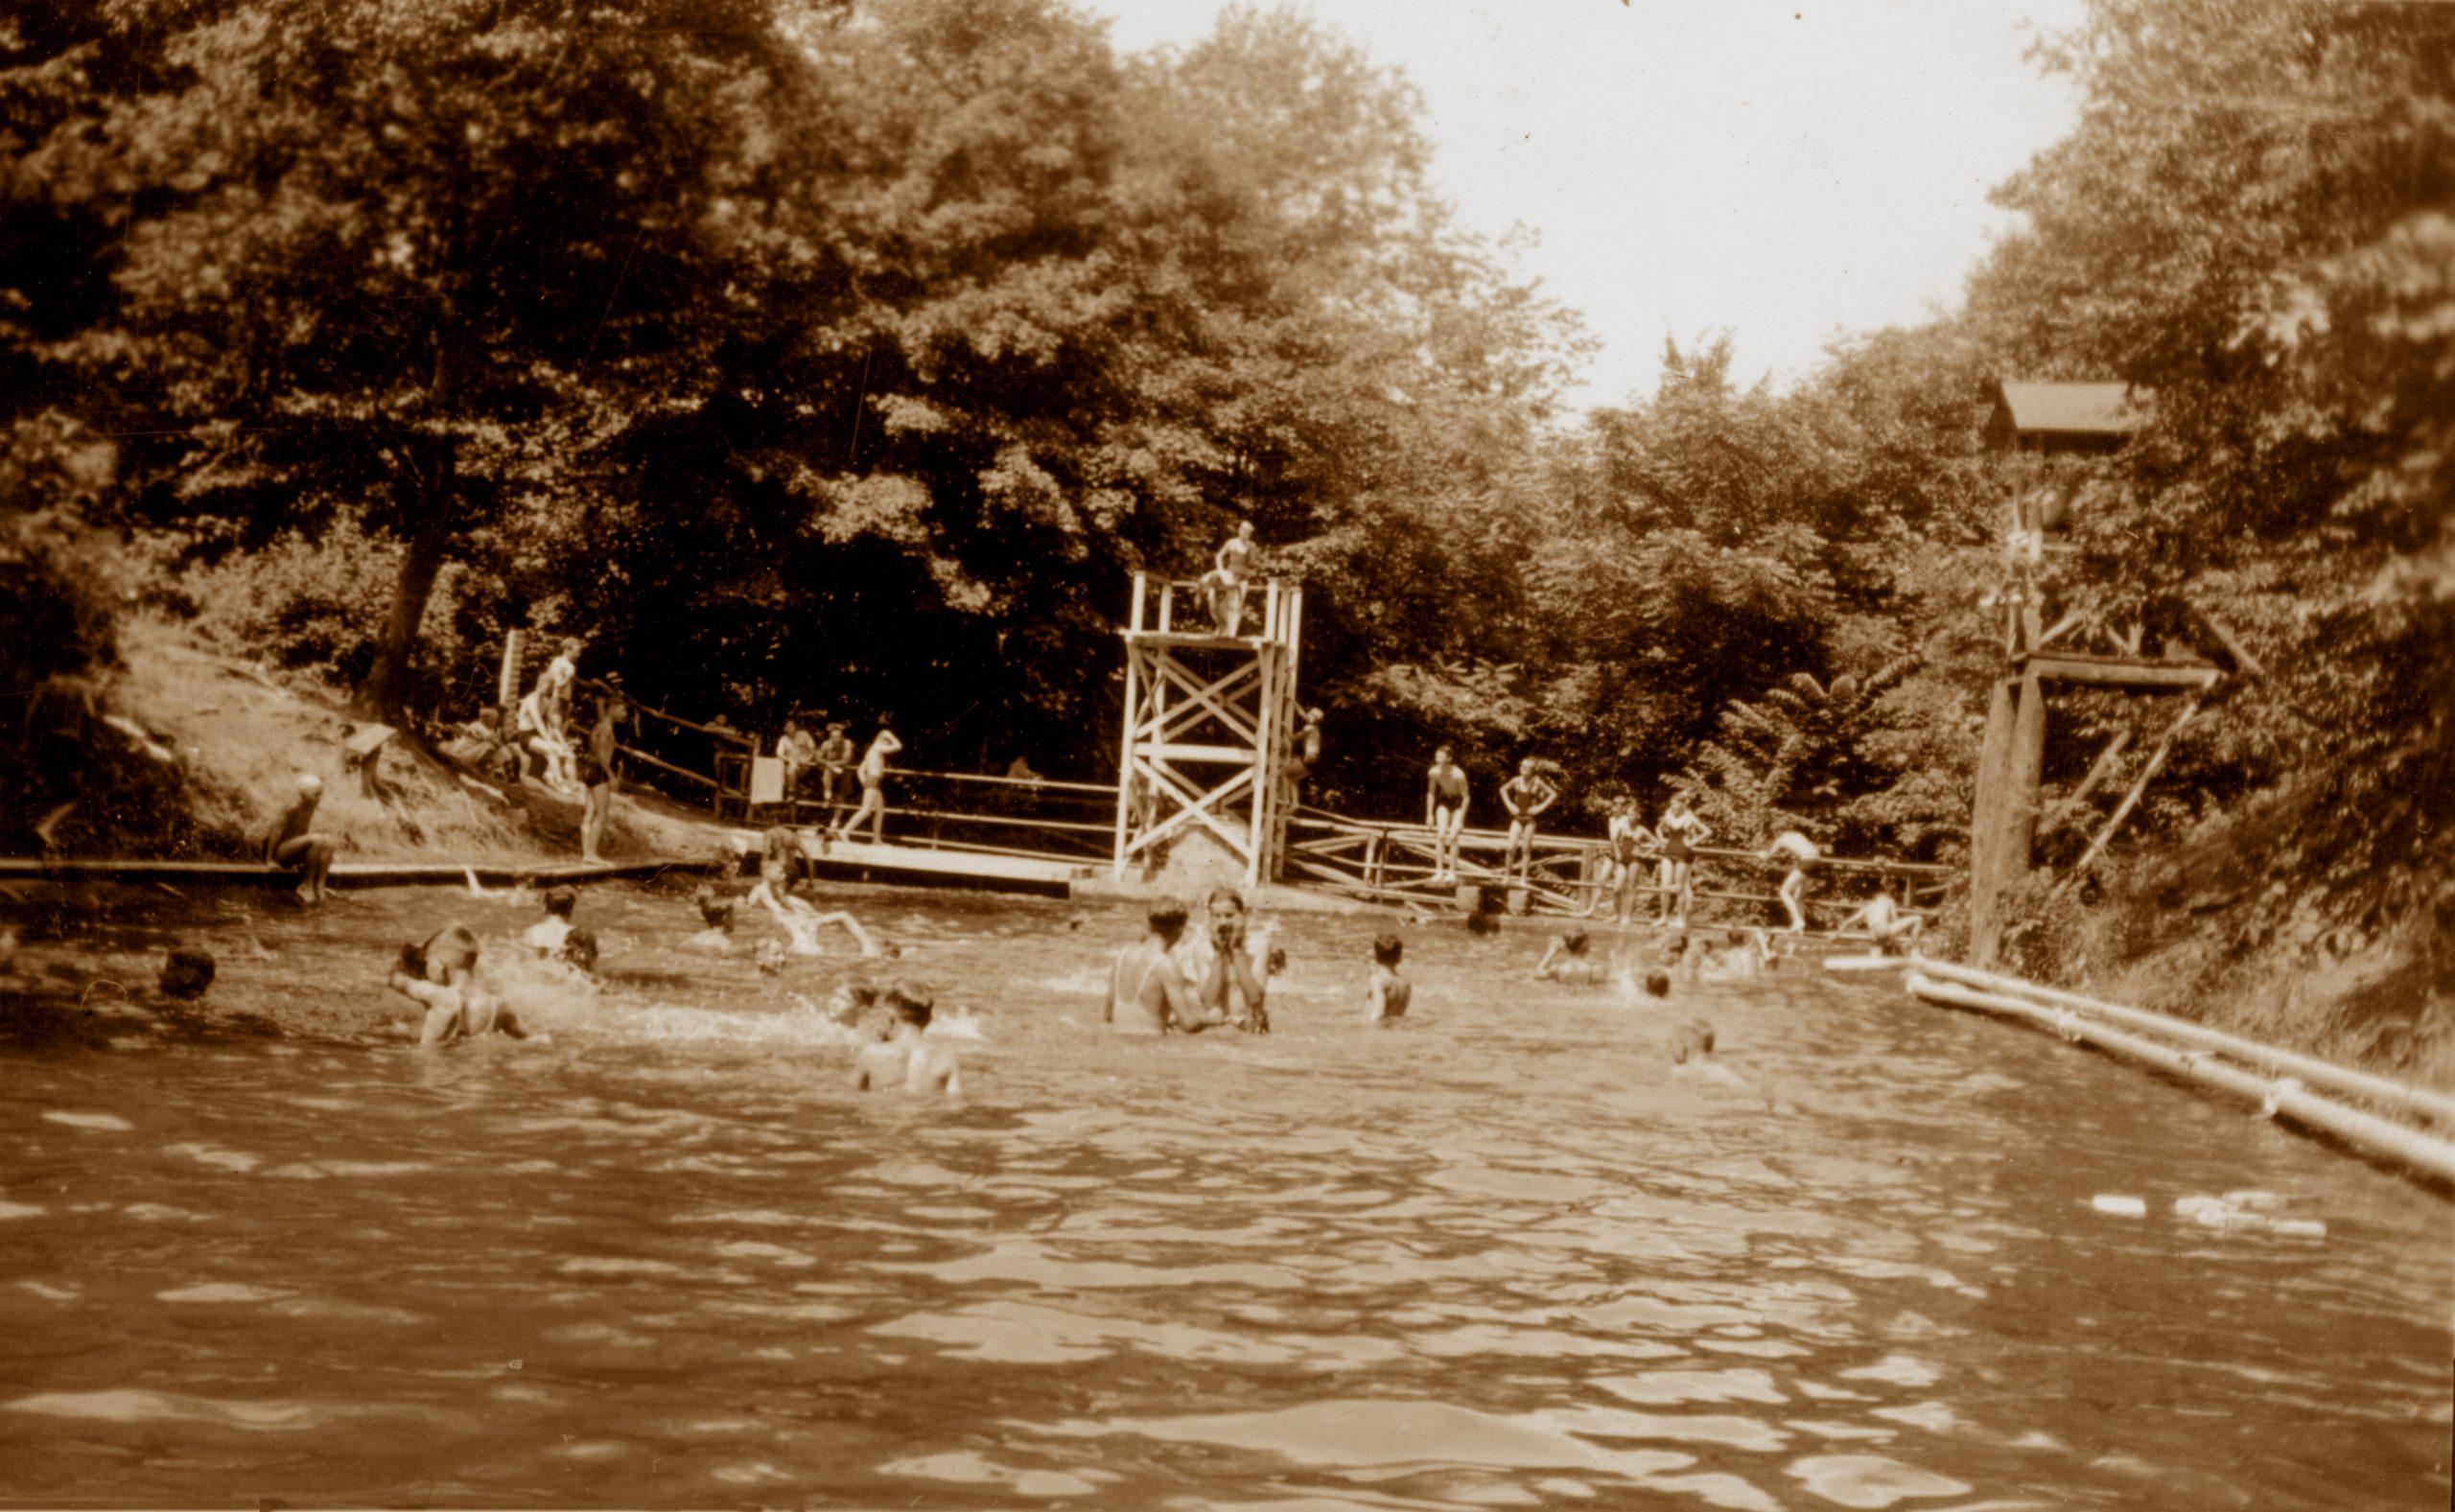 Camp Tuscazoar swimming pool in 1927